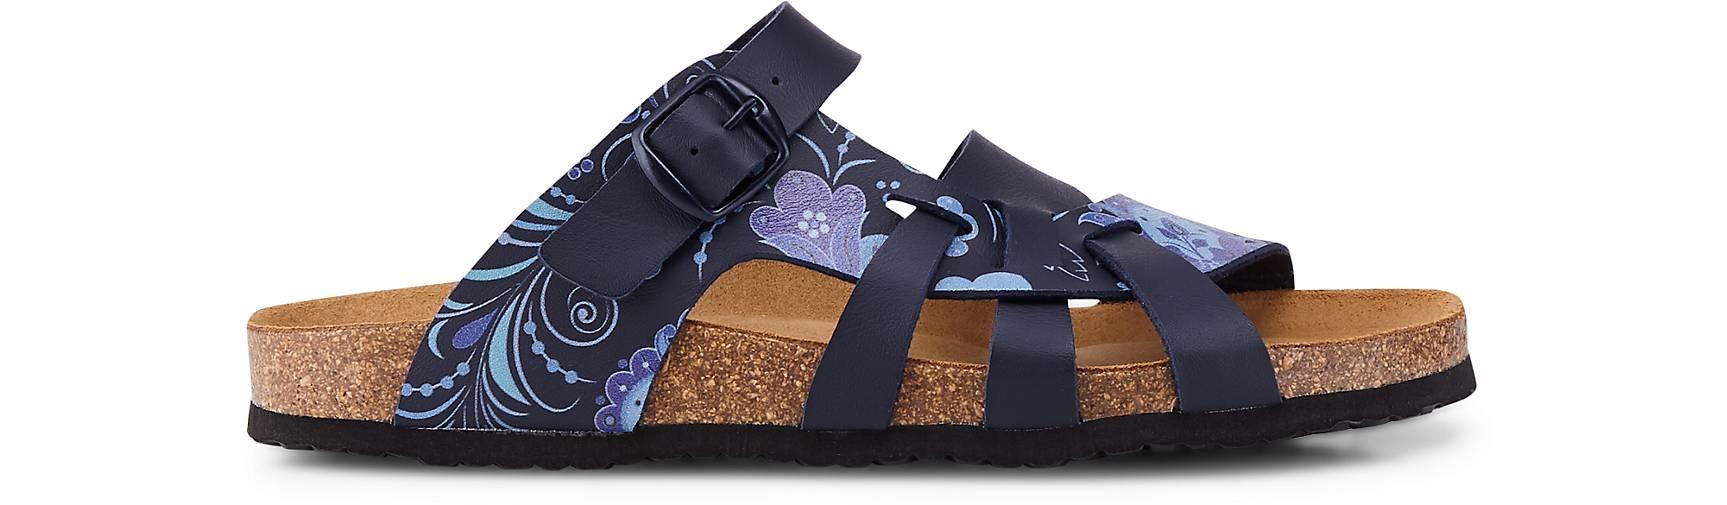 Fashion Bio Pantolette Mittel Blau Kaufen In Life qVpMUzS